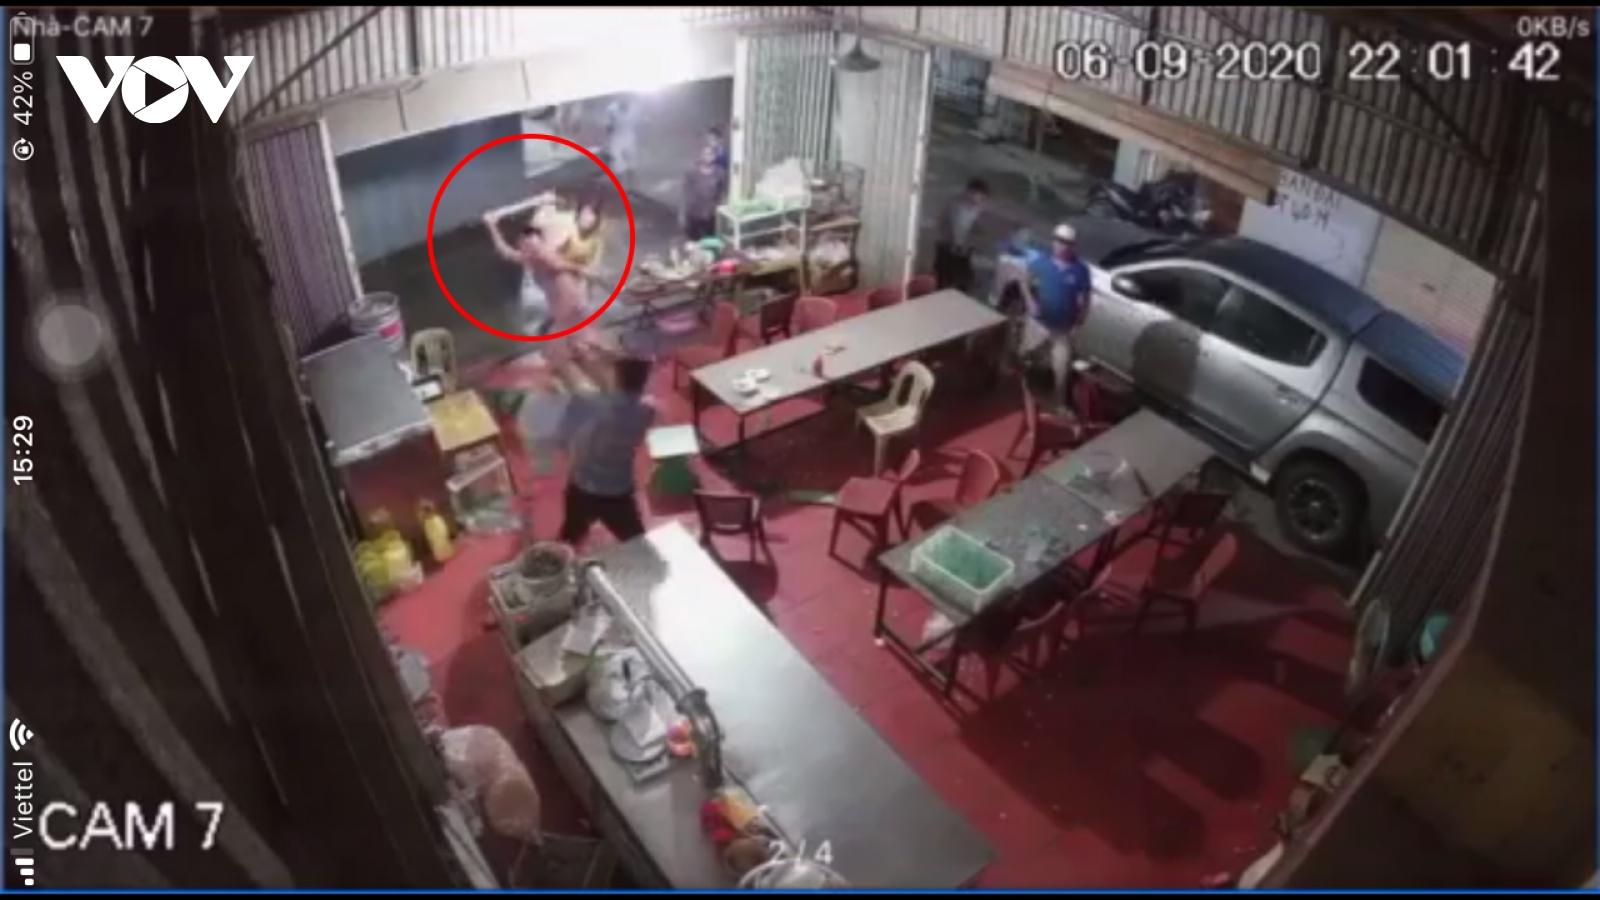 Xử lý nghiêm nhóm côn đồ vô cớ hành hung người dân ở Yên Nghĩa, Hà Đông